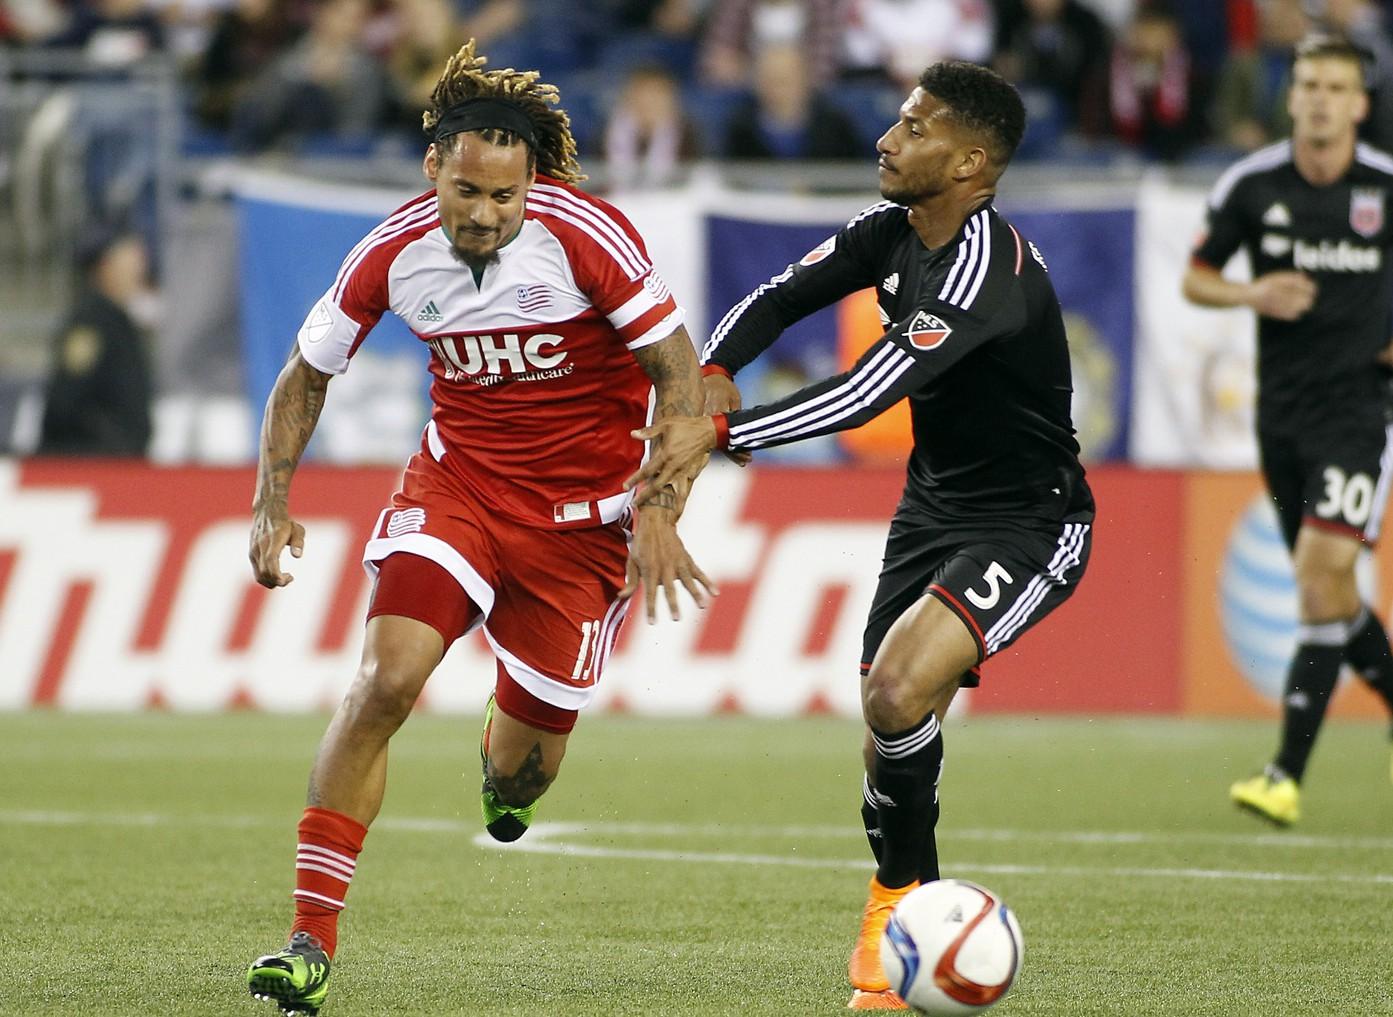 Photo by Stew Milne/USA TODAY Sports